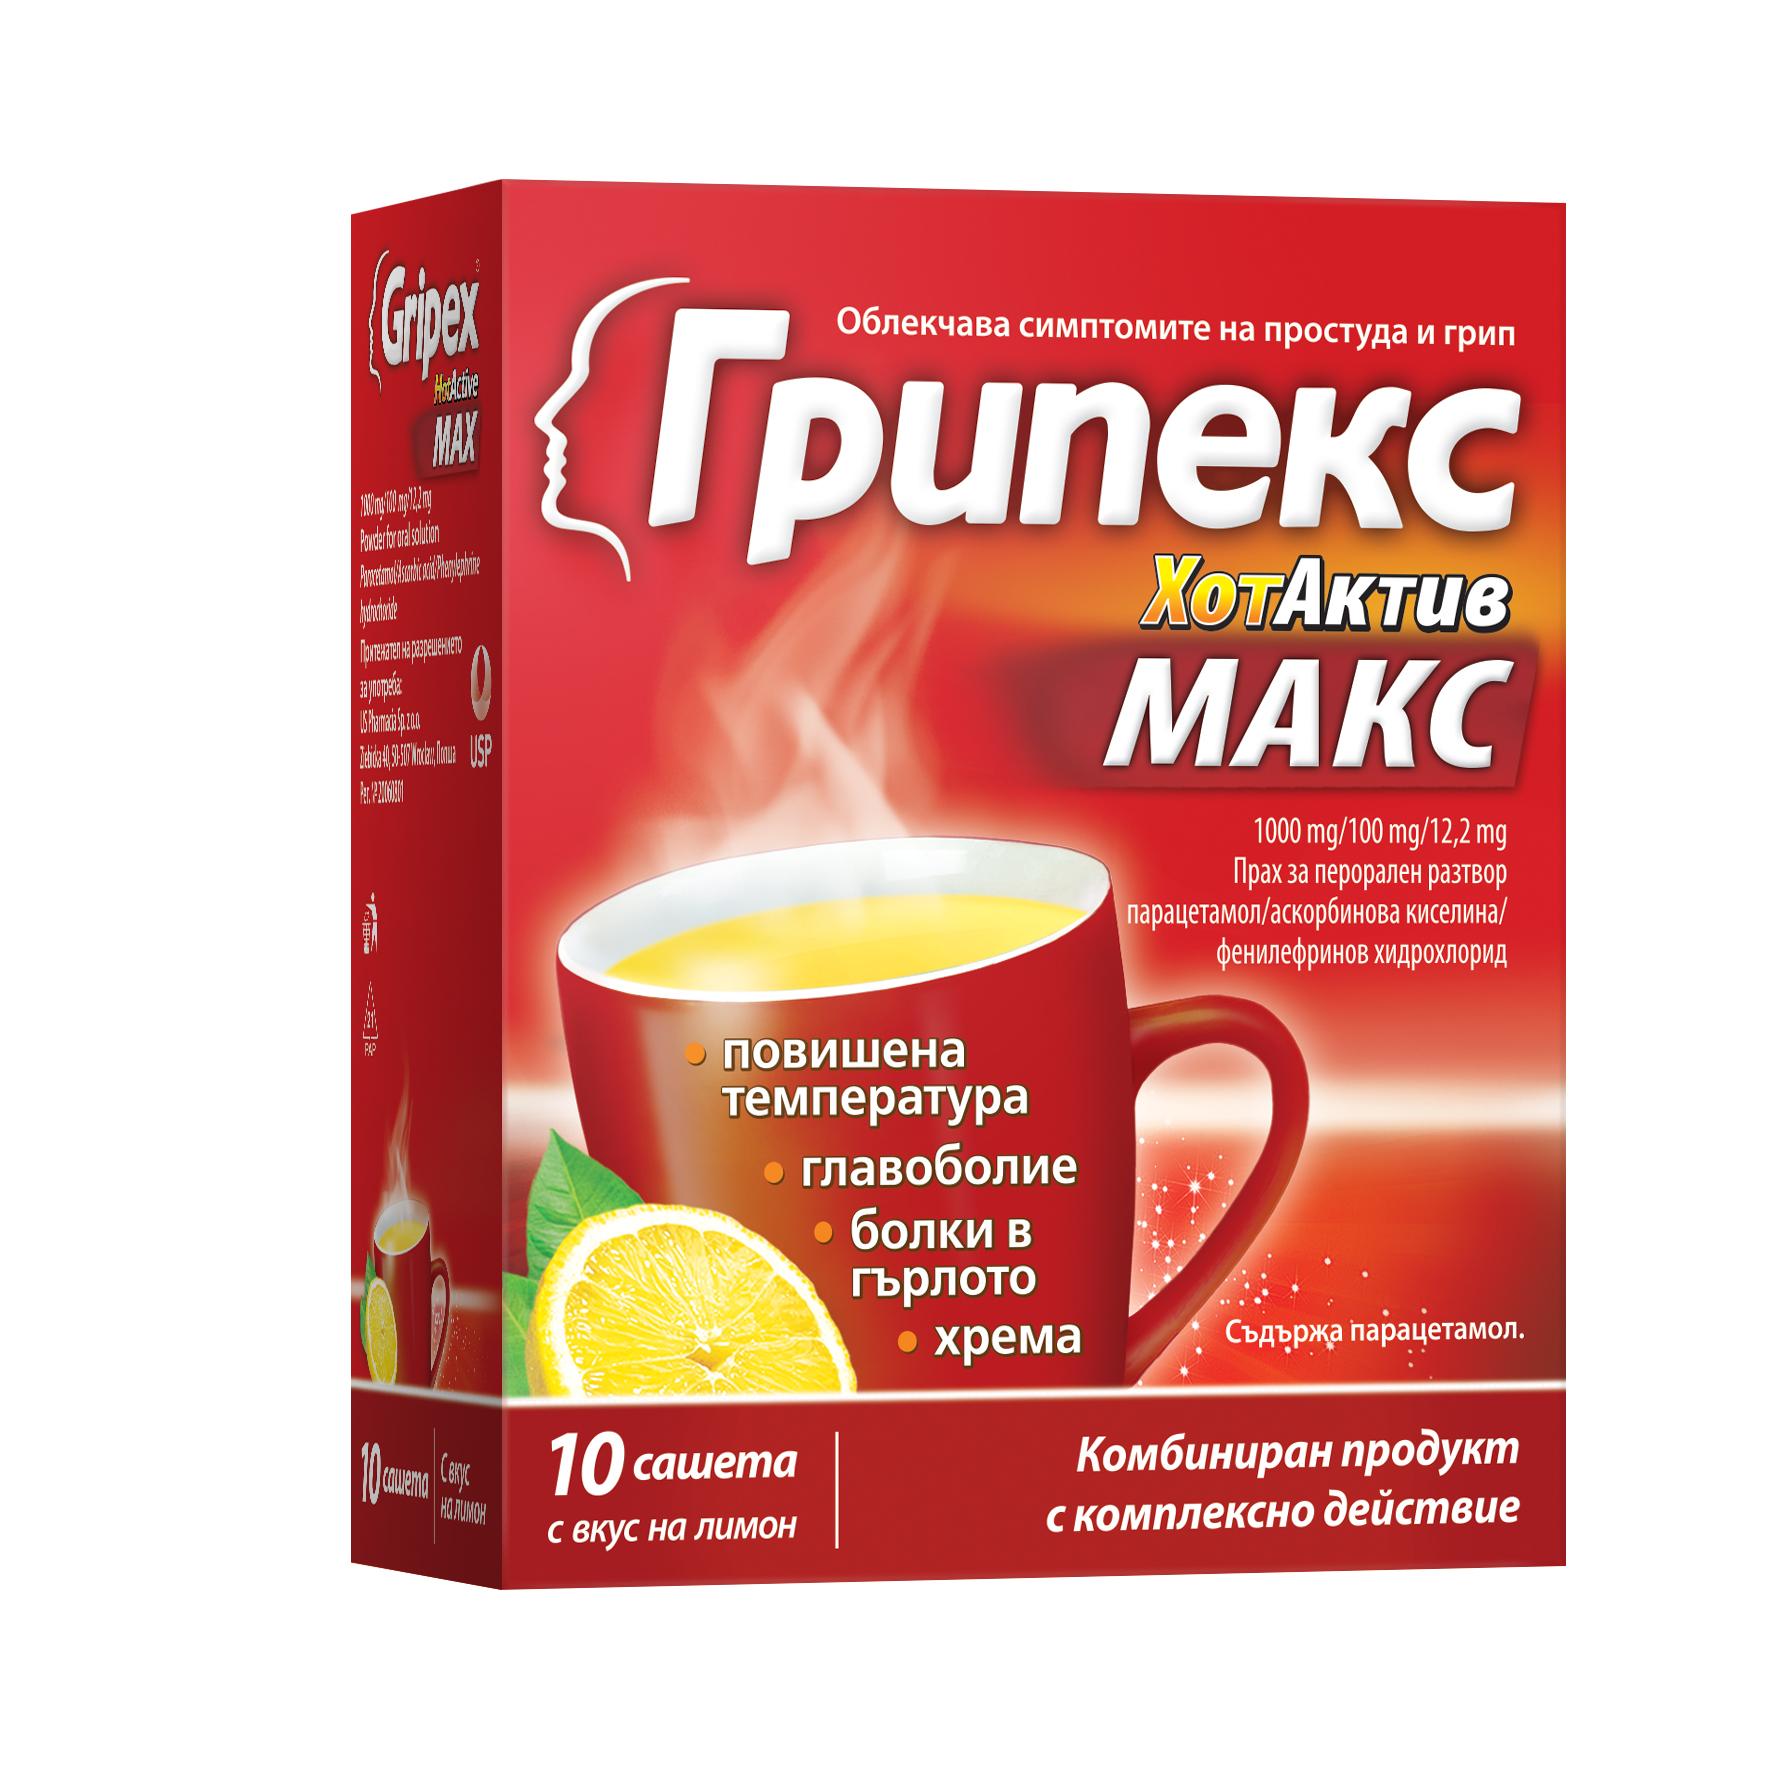 Описание  ГРИПЕКС ХОТ АКТИВ MAКС / GRIPEX HOT ACTIV MAX  с вкус на лимон на US Pharmacia  е лекарствен продукт, който се използва се употребява при простуда, като намалява отока на носната лигавица и така възстановява проходимостта на носа и синусите. Облекчава симптомите на настинка и грип, като: главоболие, болки в гърлото, мускулни болки, костно-ставни болки, кихане, възпаление на лигавицата на горните дихателни пътища и повишена температура.   Преди употреба на ГРИПЕКС ХОТ АКТИВ MAКС / GRIPEX HOT ACTIV MAX   Лекарственият продукт не трябва да се използва в с случаи на:  Данни за свръхчувствителност към някоя от съставките на продукта. При някое от следните заболявания: нестабилно коронарно сърдечно заболяване, високо артериално кръвно налягане, фенилкетонурия (повишено отделяне на ацетон и други кетотела с урината), закритоъгълна глаукома. Провеждане на лечение с инхибитори на моноаминооксидазата и до 2 седмици след спирането на тези лекарствени продукти. Не трябва да приемате други продукти, съдържащи парацетамол и/или симпатикомиметици. По време на лечение с лекарствения продукт, консумацията на алкохол е забранена. Продуктът не трябва да се прилага при деца под 12 години.  Изисква се повишено внимание при употребата на ГРИПЕКС ХОТ АКТИВ MAКС / GRIPEX HOT ACTIV MAX, ако:  Имате бъбречно заболяване, бронхиална астма, хипертрофия на простатата, хипертиреоидизъм, синдром на Рейно, коронарно сърдечно заболяване, артериална хипертония, диабет. В случай на повишена температура, продължила повече от 3 дни след началото на лечението, трябва да се свържете с Вашия лекар. Едно саше съдържа 1.939 g захароза, което се равнява на 0.2 калории. Приемане на лекарствения продукт с храни и напитки  Храната не намалява абсорбцията на лекарствения продукт. Бременност и кърмене  Продуктът не трябва да се употребява по време бременност и кърмене. Шофиране и работа с машини:  Когато приемате лекарствения продукт, внимавайте при шофиране и работа с машини. Употреба на други лекарстве